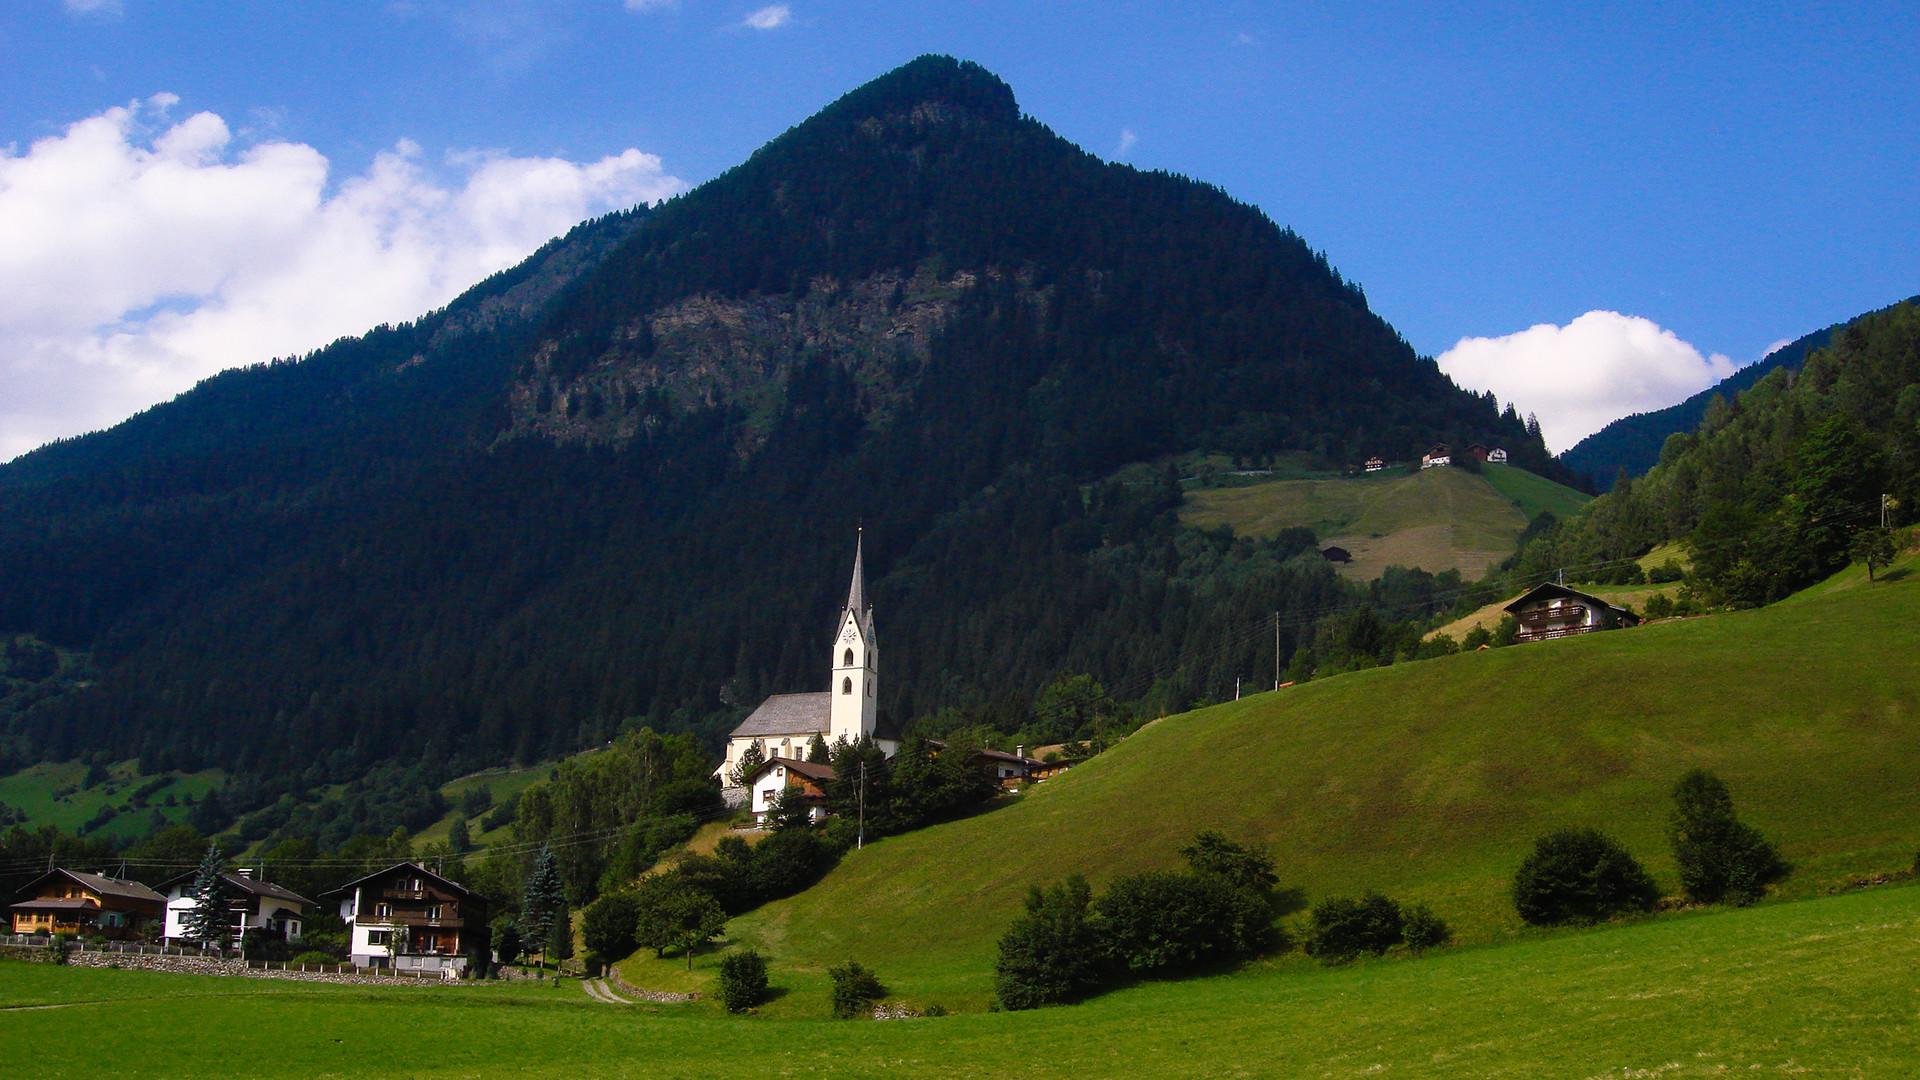 La prise de conscience écologique s'intensifie dans l'Eglise, selon Dominique Lang (Photo: flickr/duda_arraes/CC BY-NC-ND 2.0)